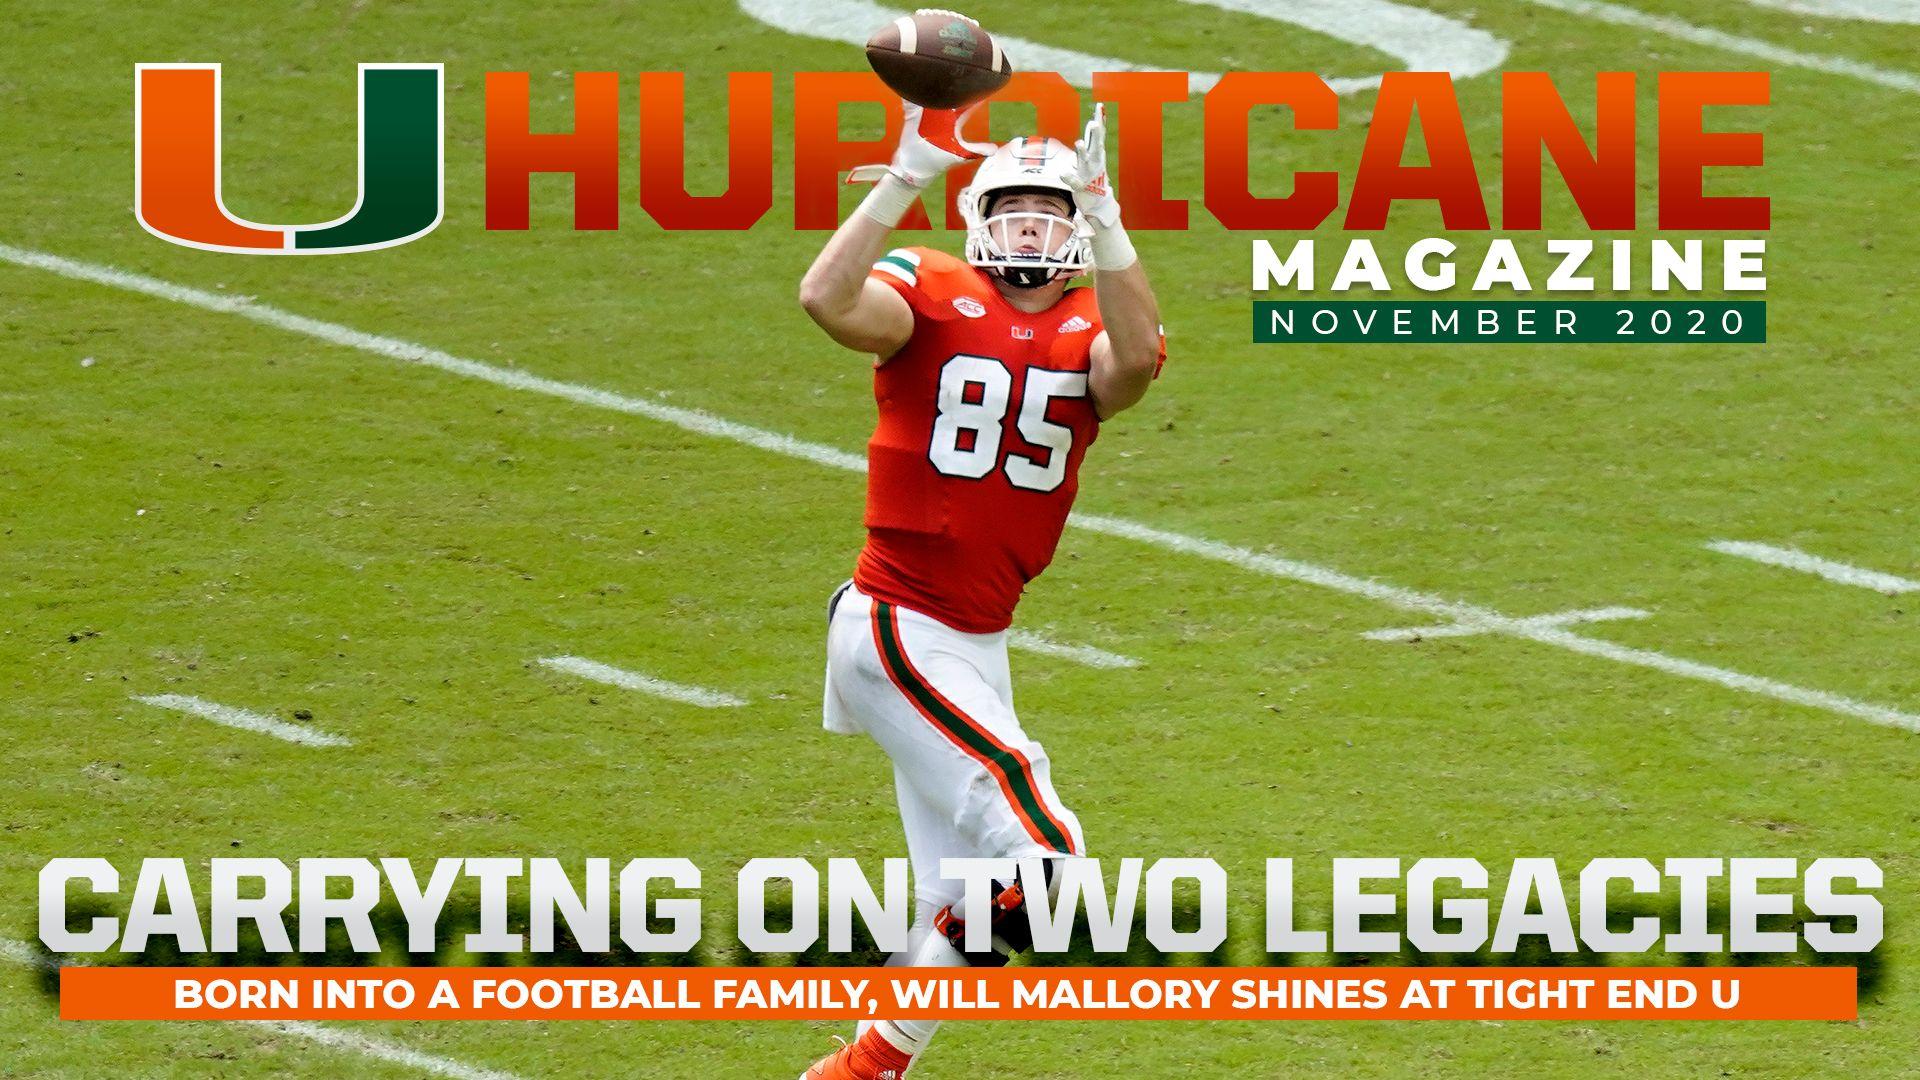 Hurricane Magazine: November 2020